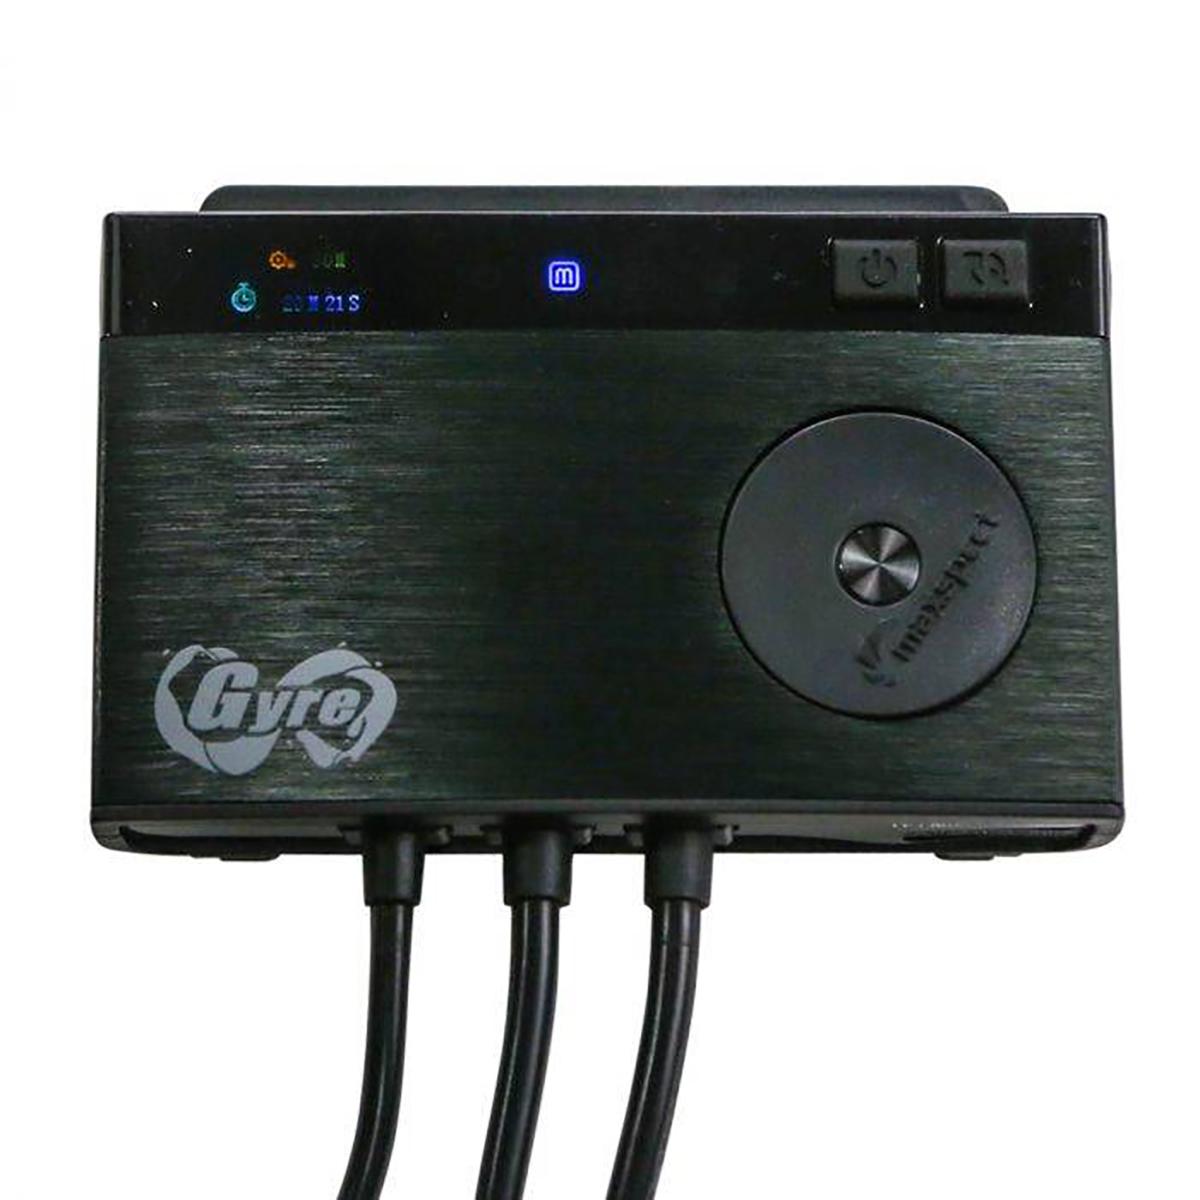 Controlador Maxspect Gyre Xf-280 (controlador)